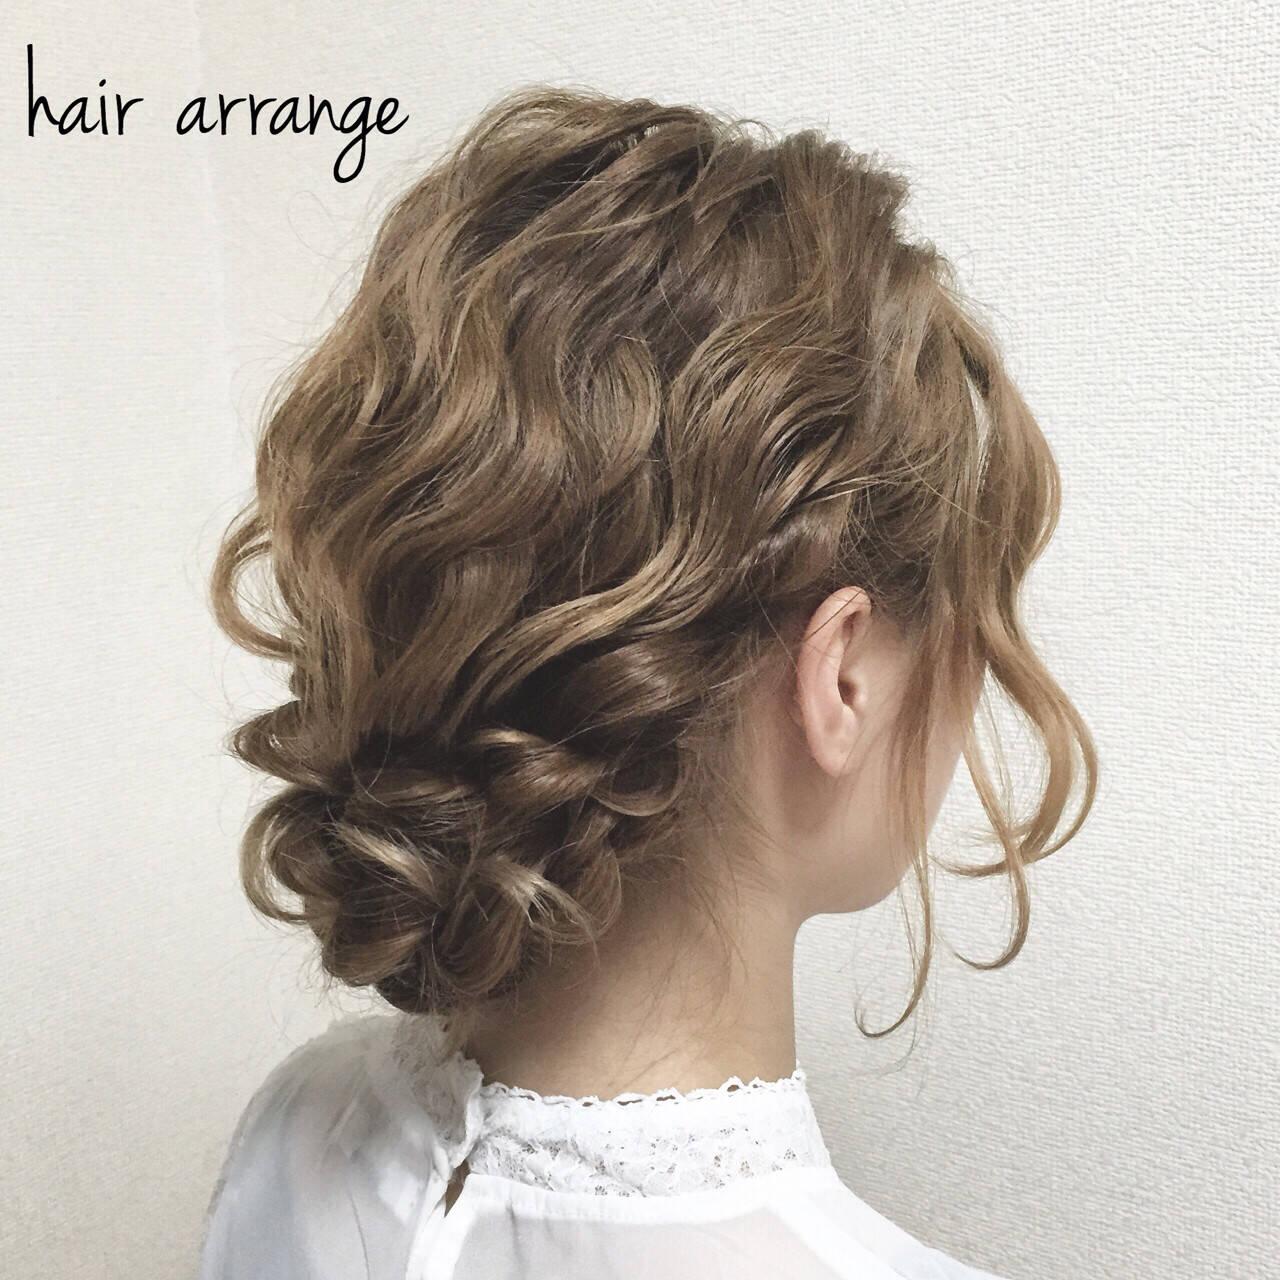 成人式 ヘアアレンジ パーティ ショートヘアスタイルや髪型の写真・画像